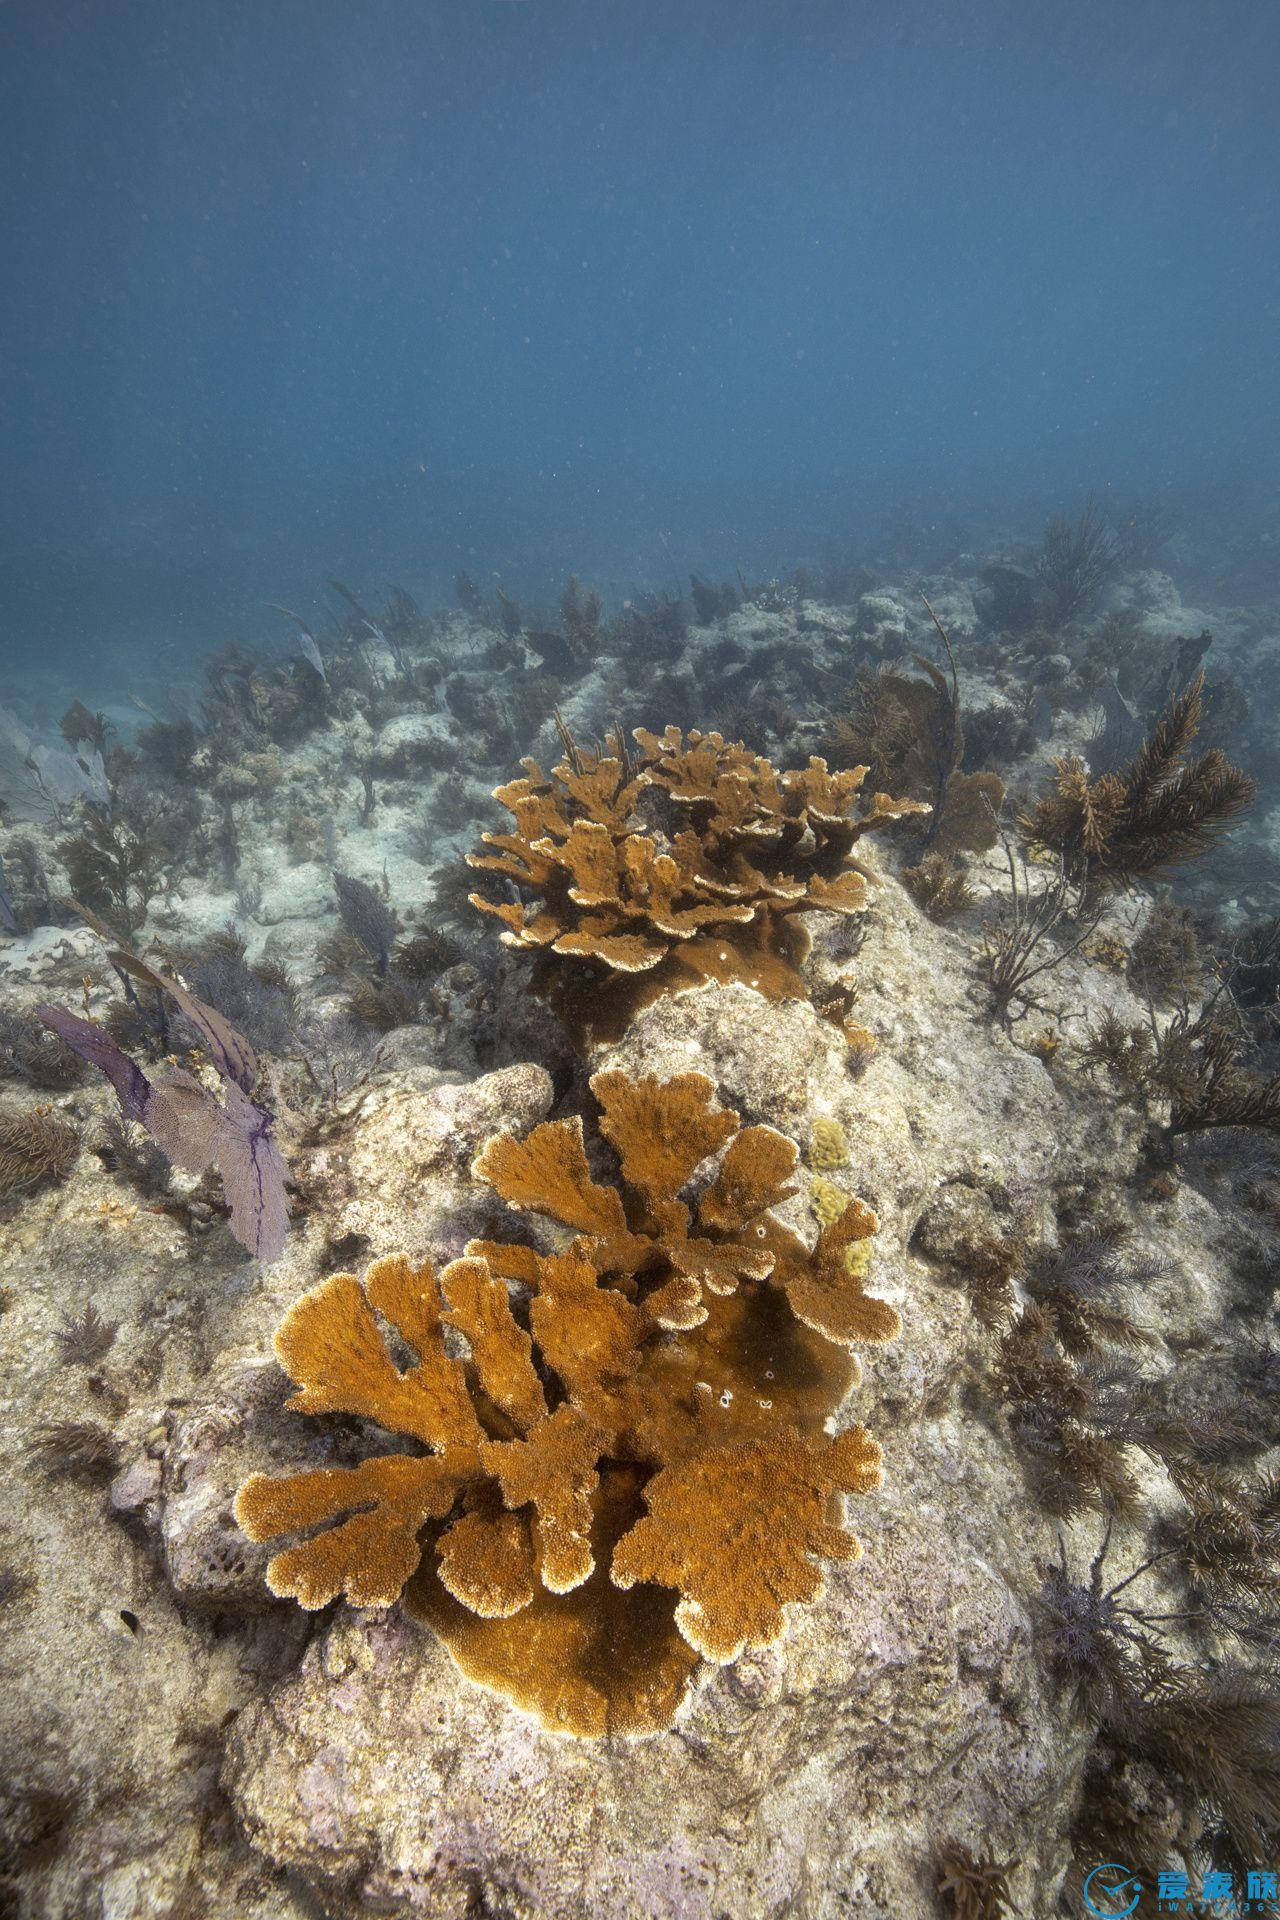 Carysfort珊瑚礁 限量版腕表